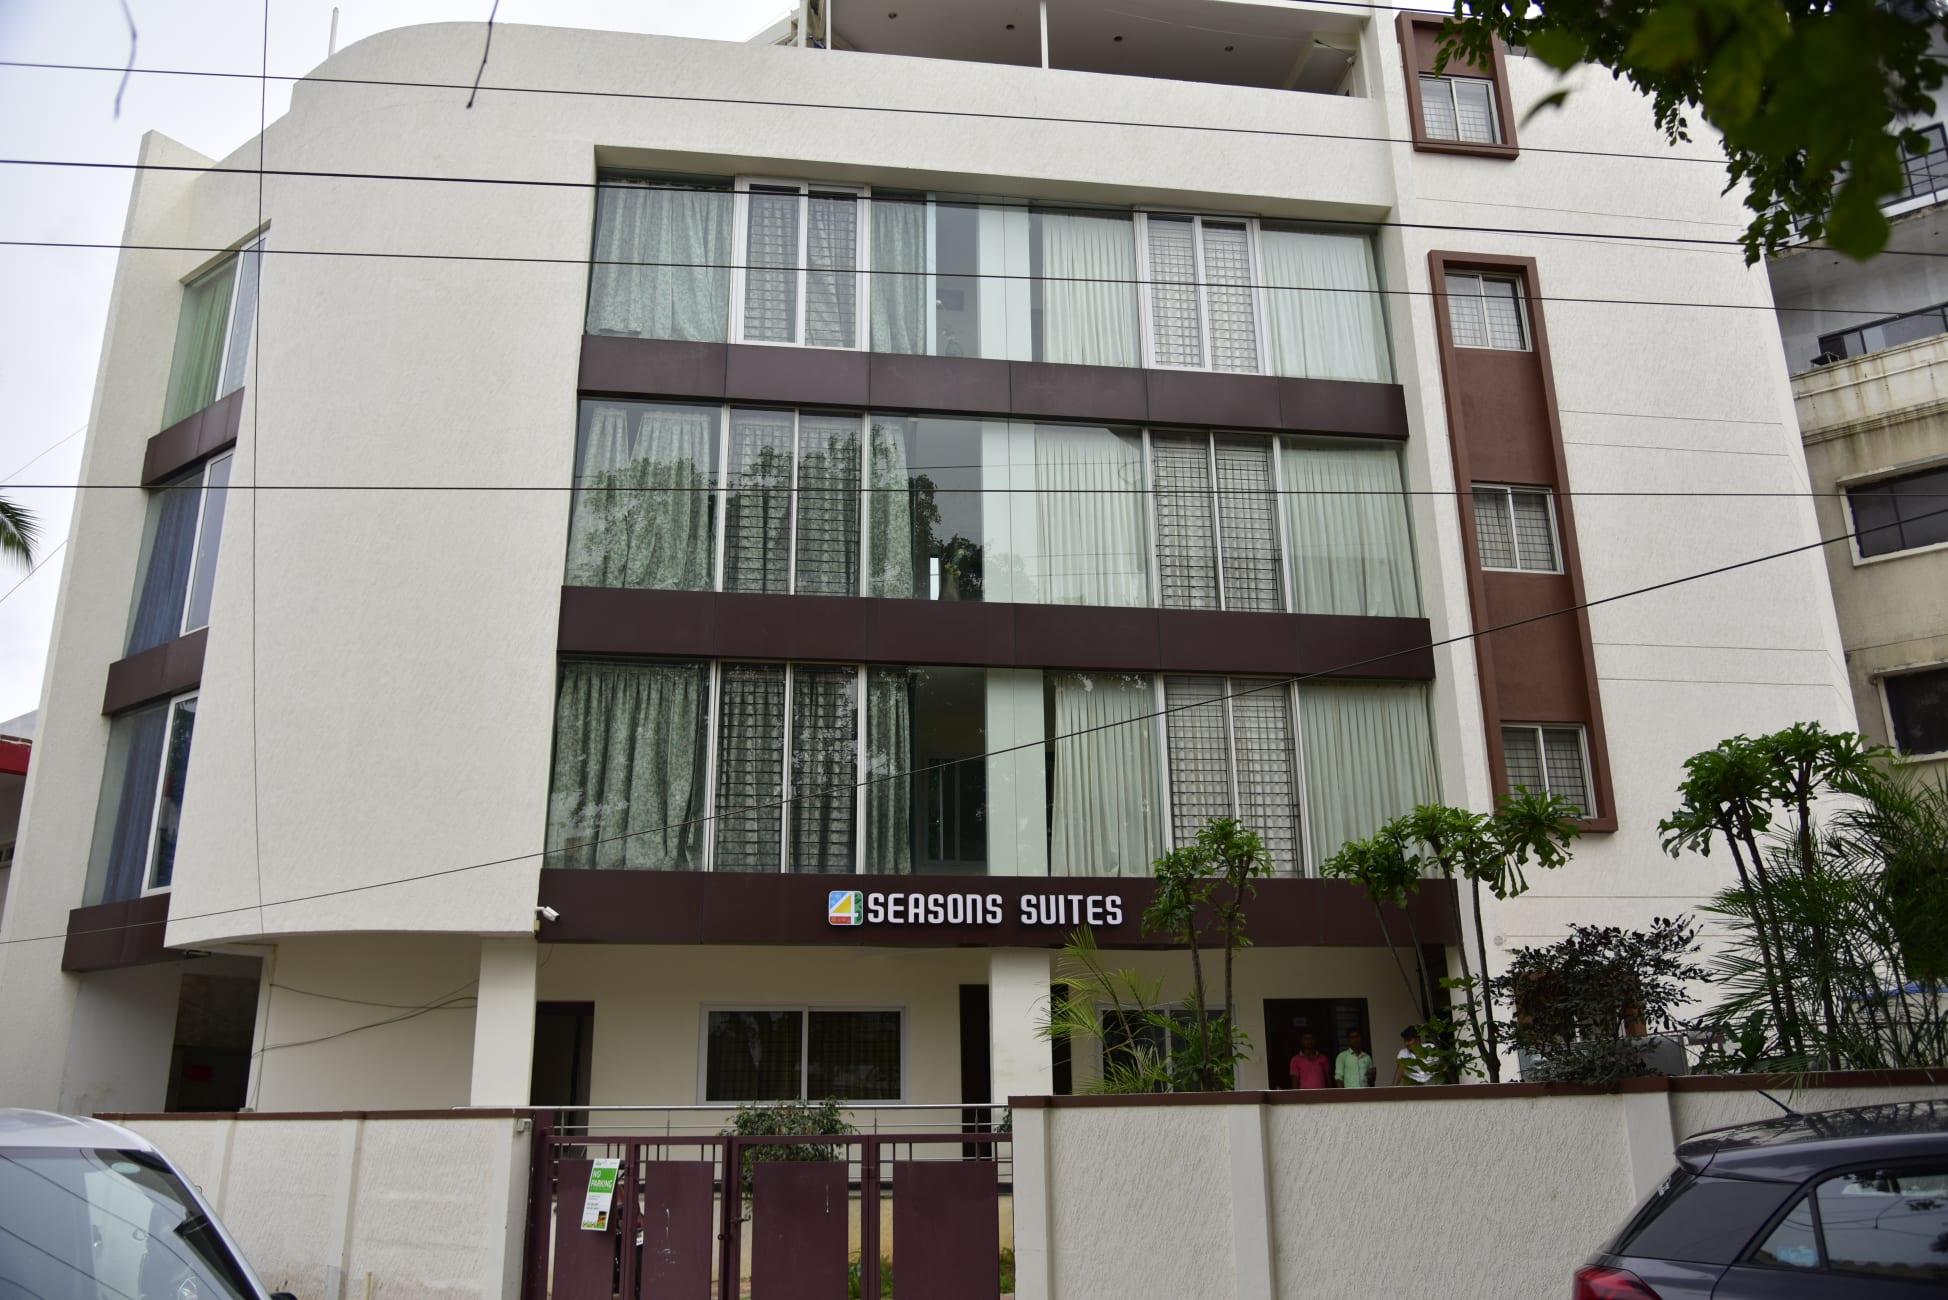 Hotel 4 Seasons Suites, Bengaluru - trivago.in